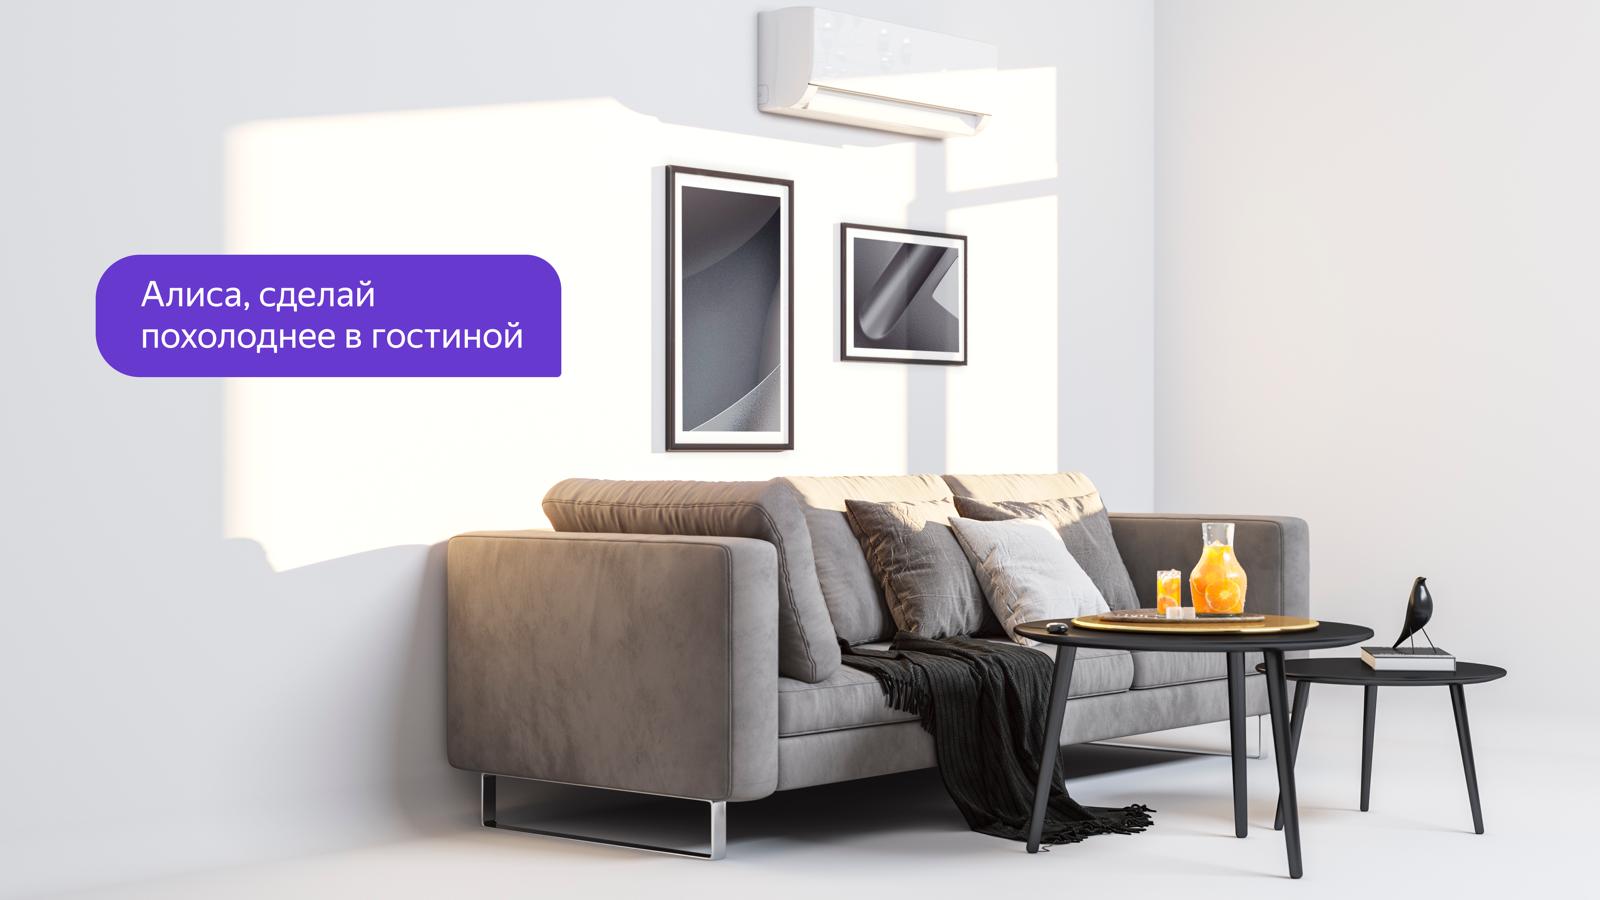 Яндекс открывает платформу умного дома с Алисой для всех разработчиков